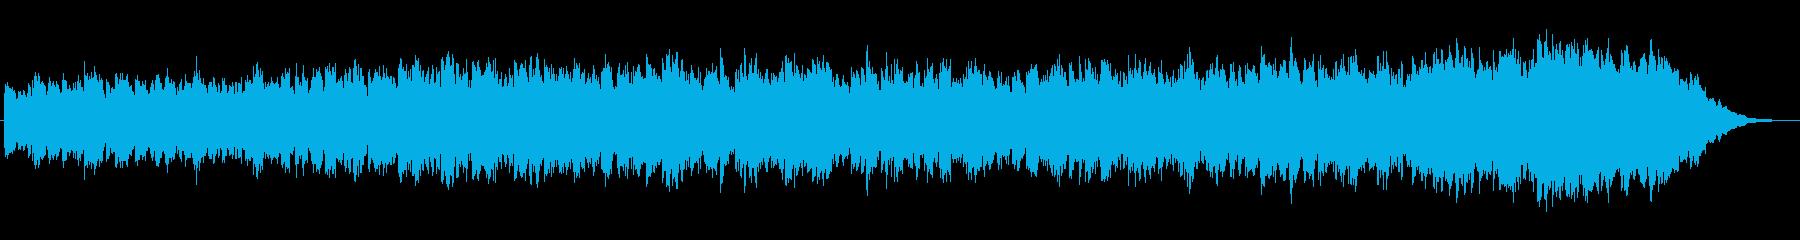 シンセが特徴的な不思議な世界のジングルの再生済みの波形